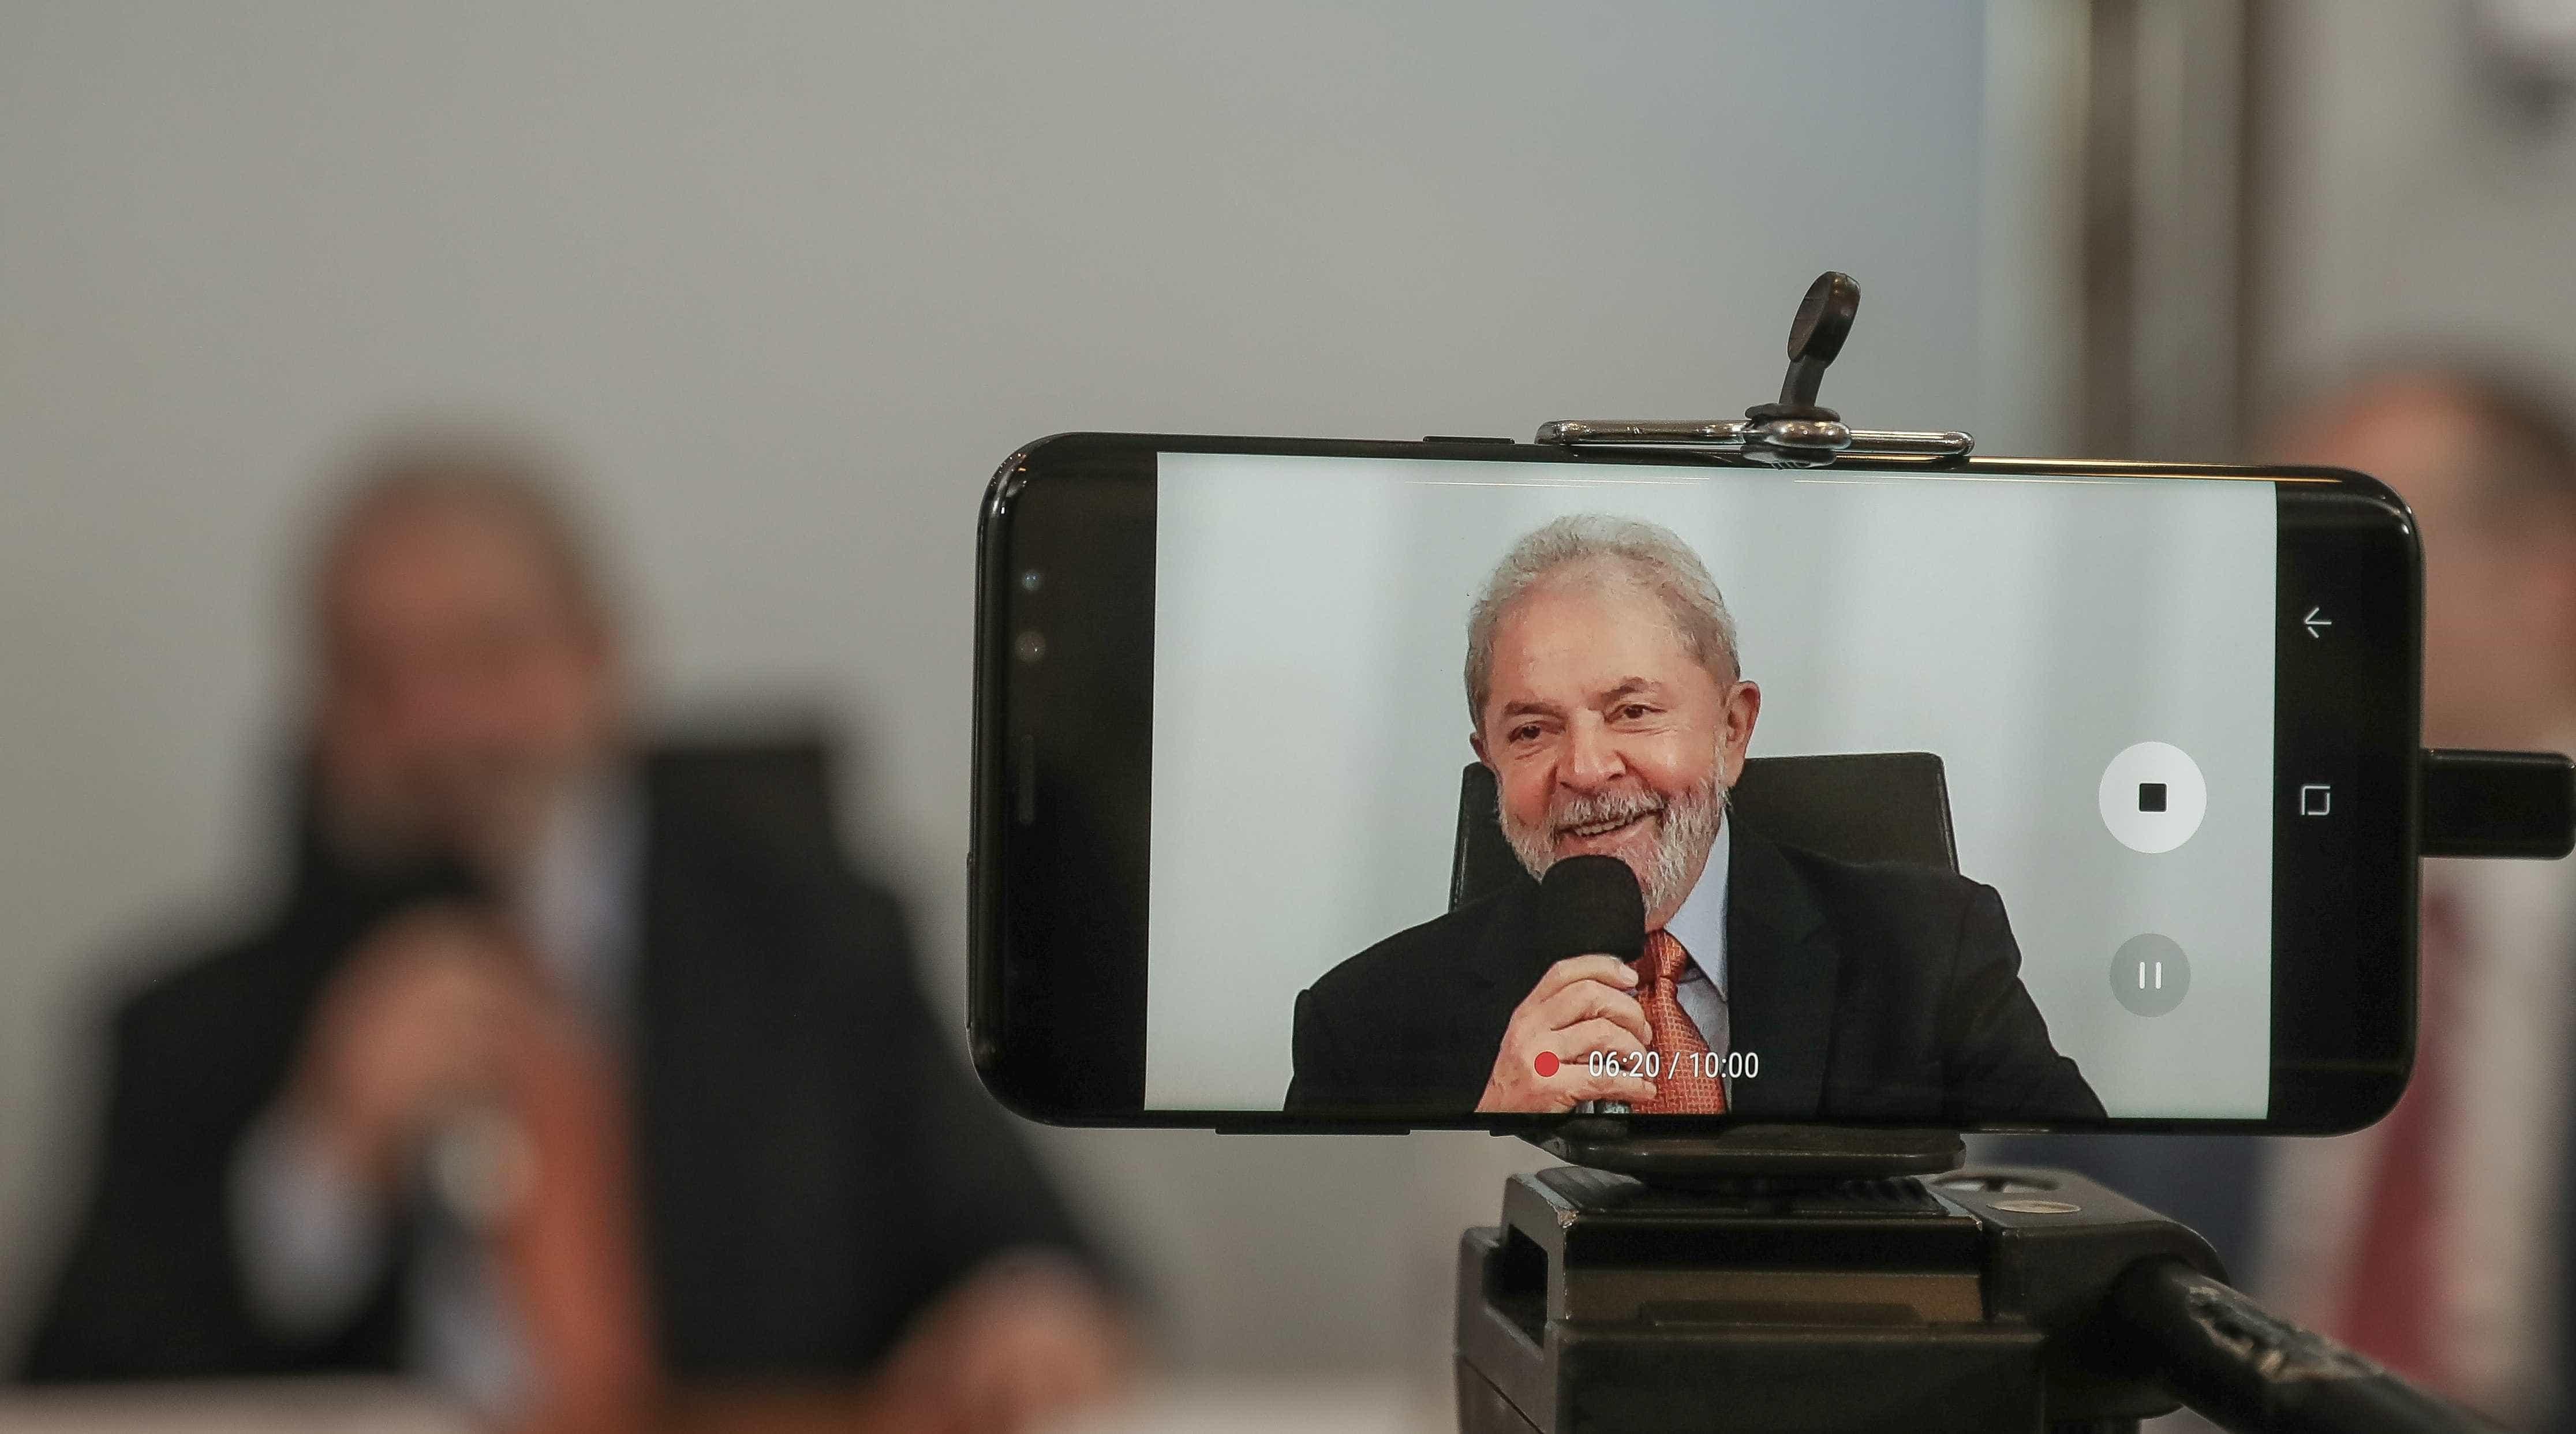 Adversários ironizam comparação de Lula com traficante